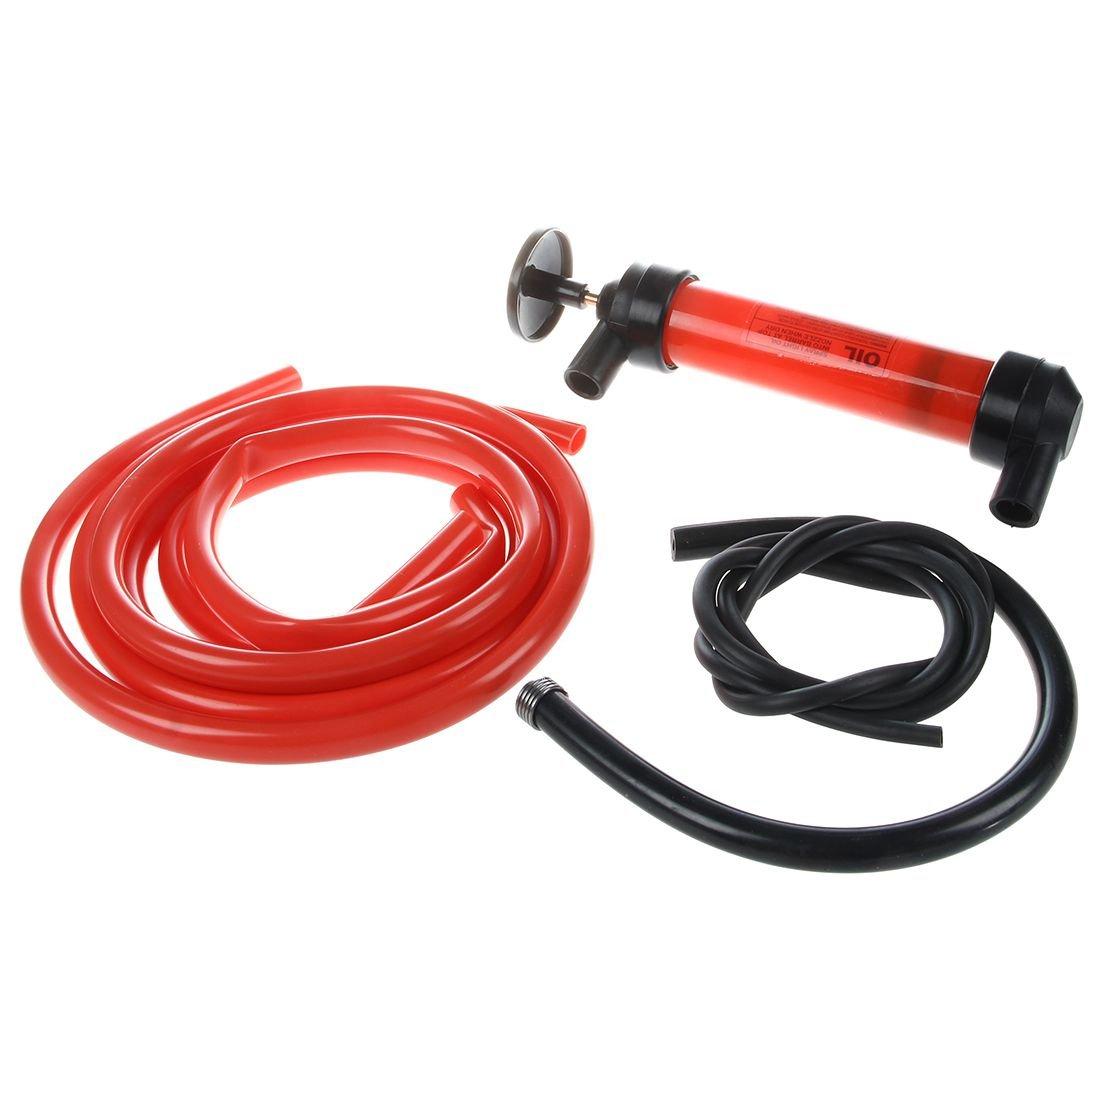 Toogoo Car Water Oil Fuel Change Transfer Gas Liquid Pipe Siphon Tool Air Pump Kit by Toogoo (Image #3)